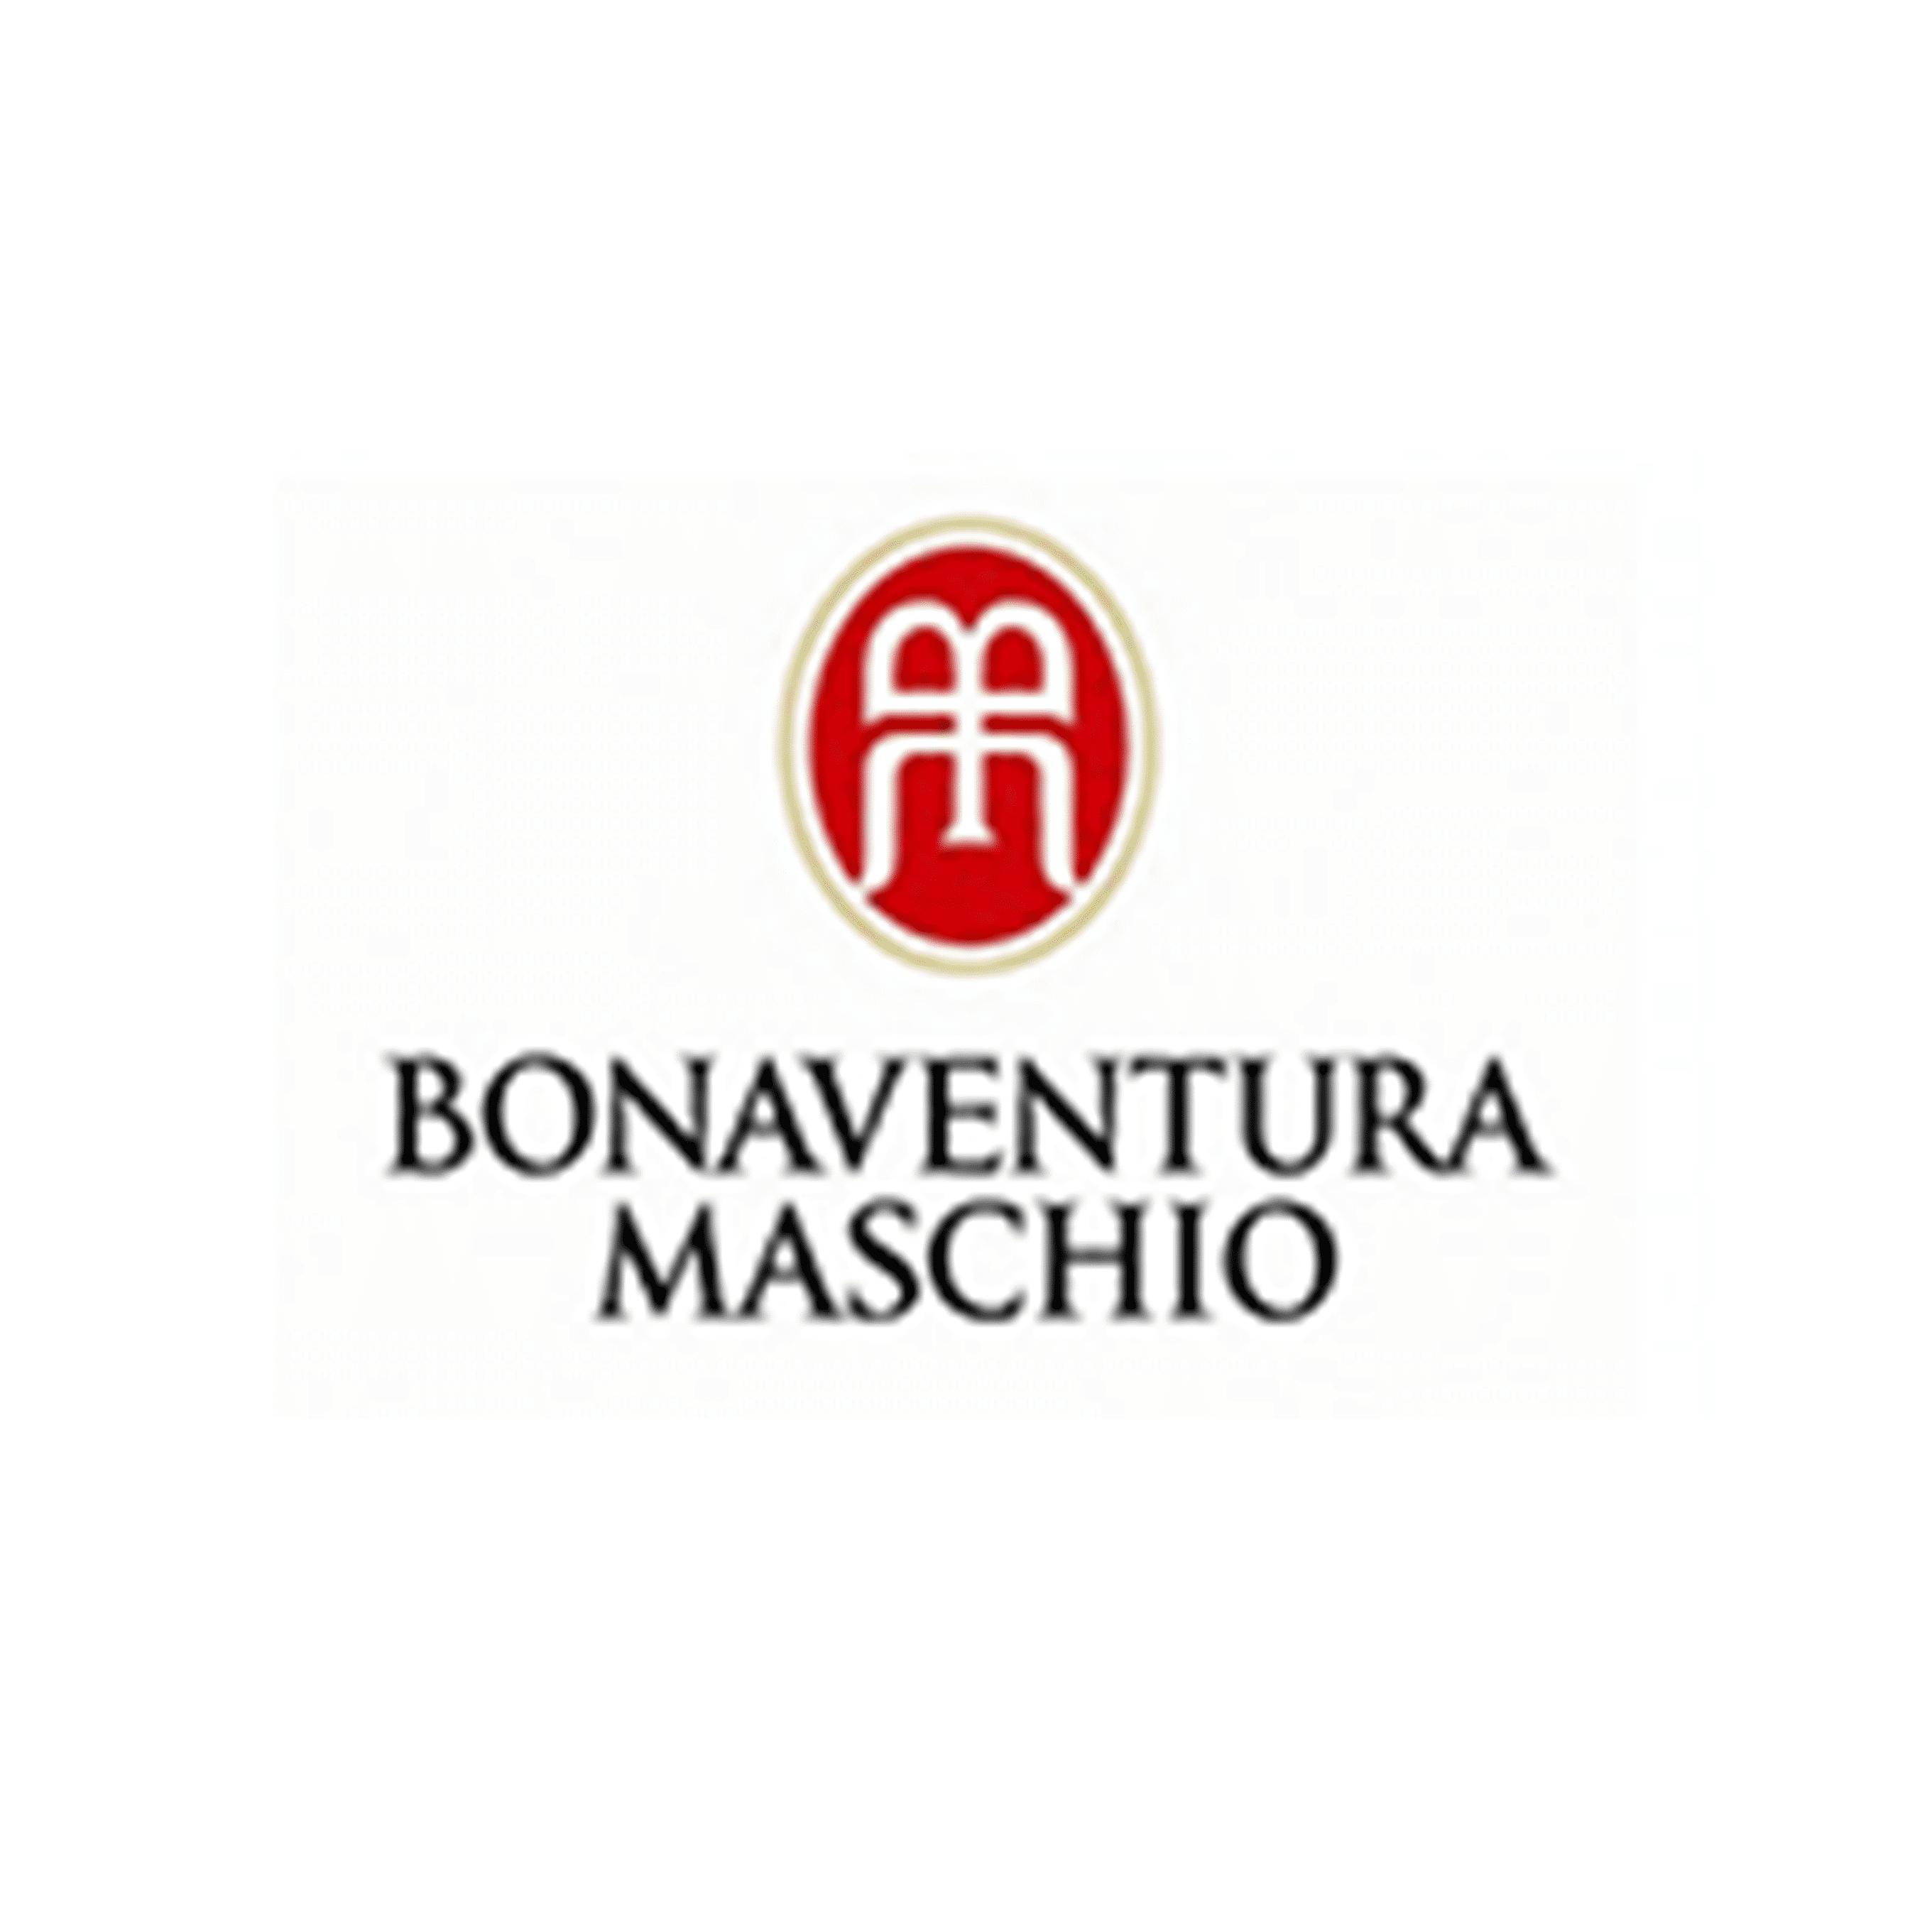 bonaventura-maschio